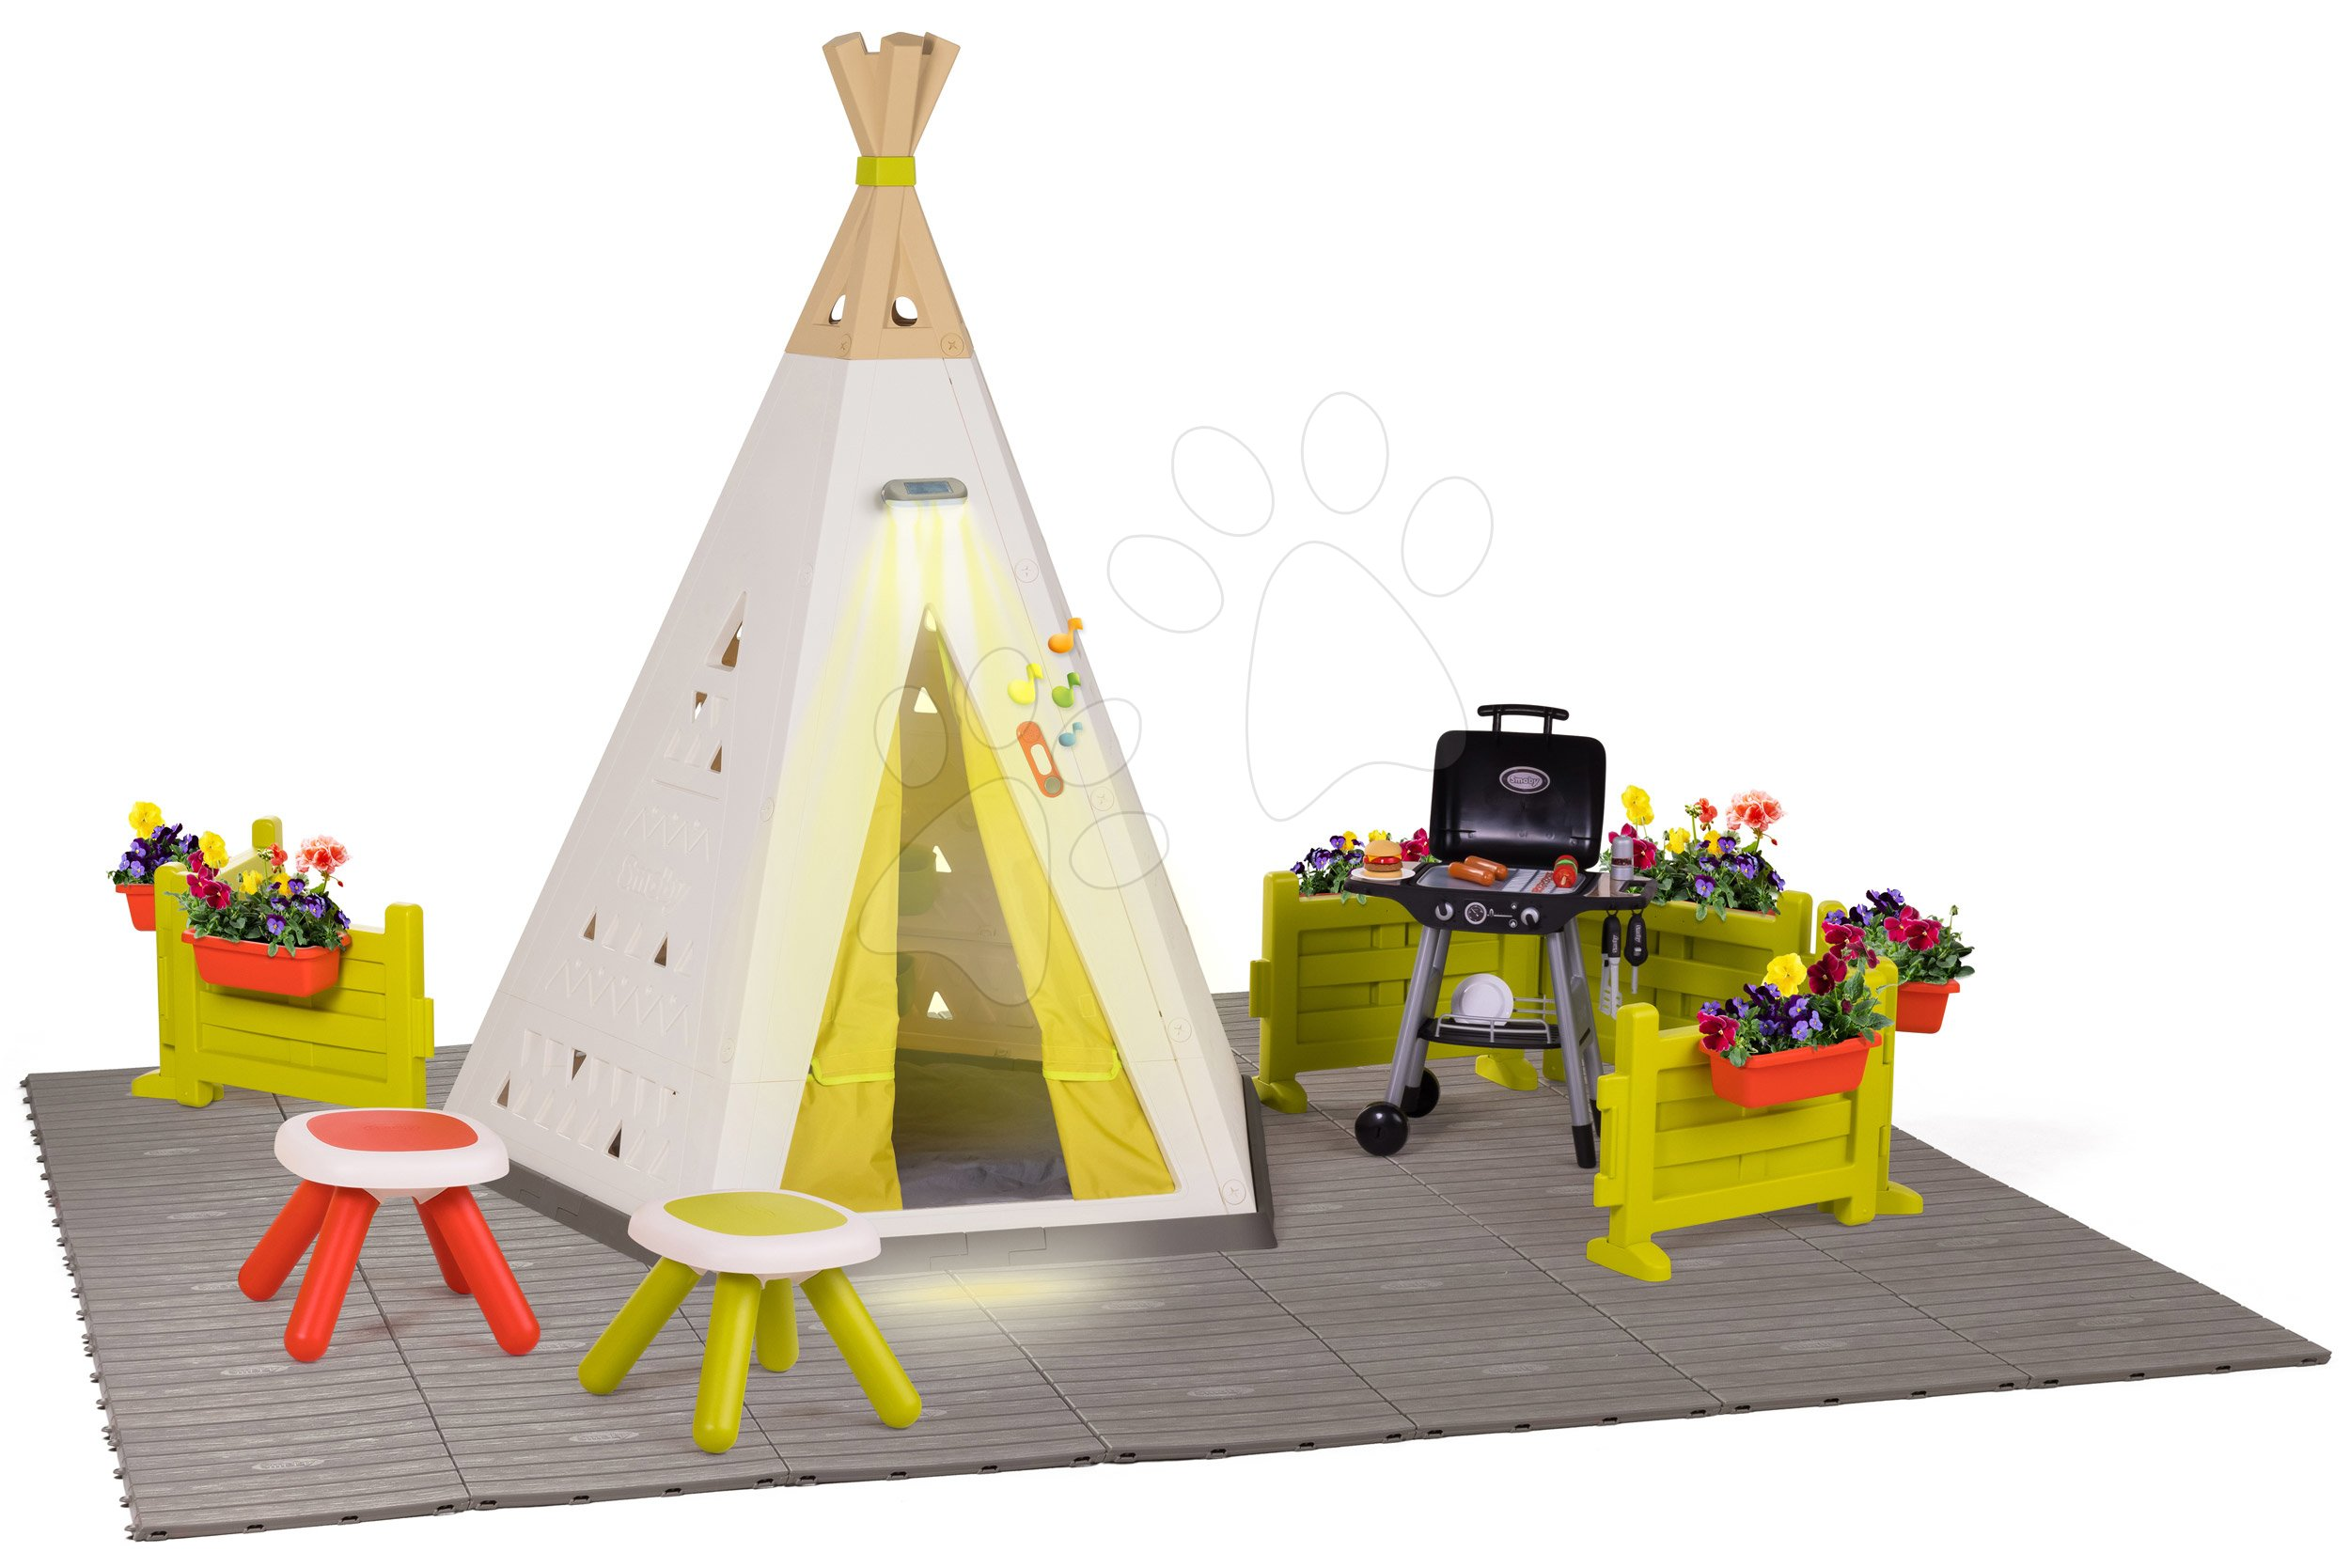 Stan prírodný Indoor&Outdoor Teepee Evolutive Smoby nastaviteľný s luxusným posedením na záhrade pri grilovačke od 24 mes